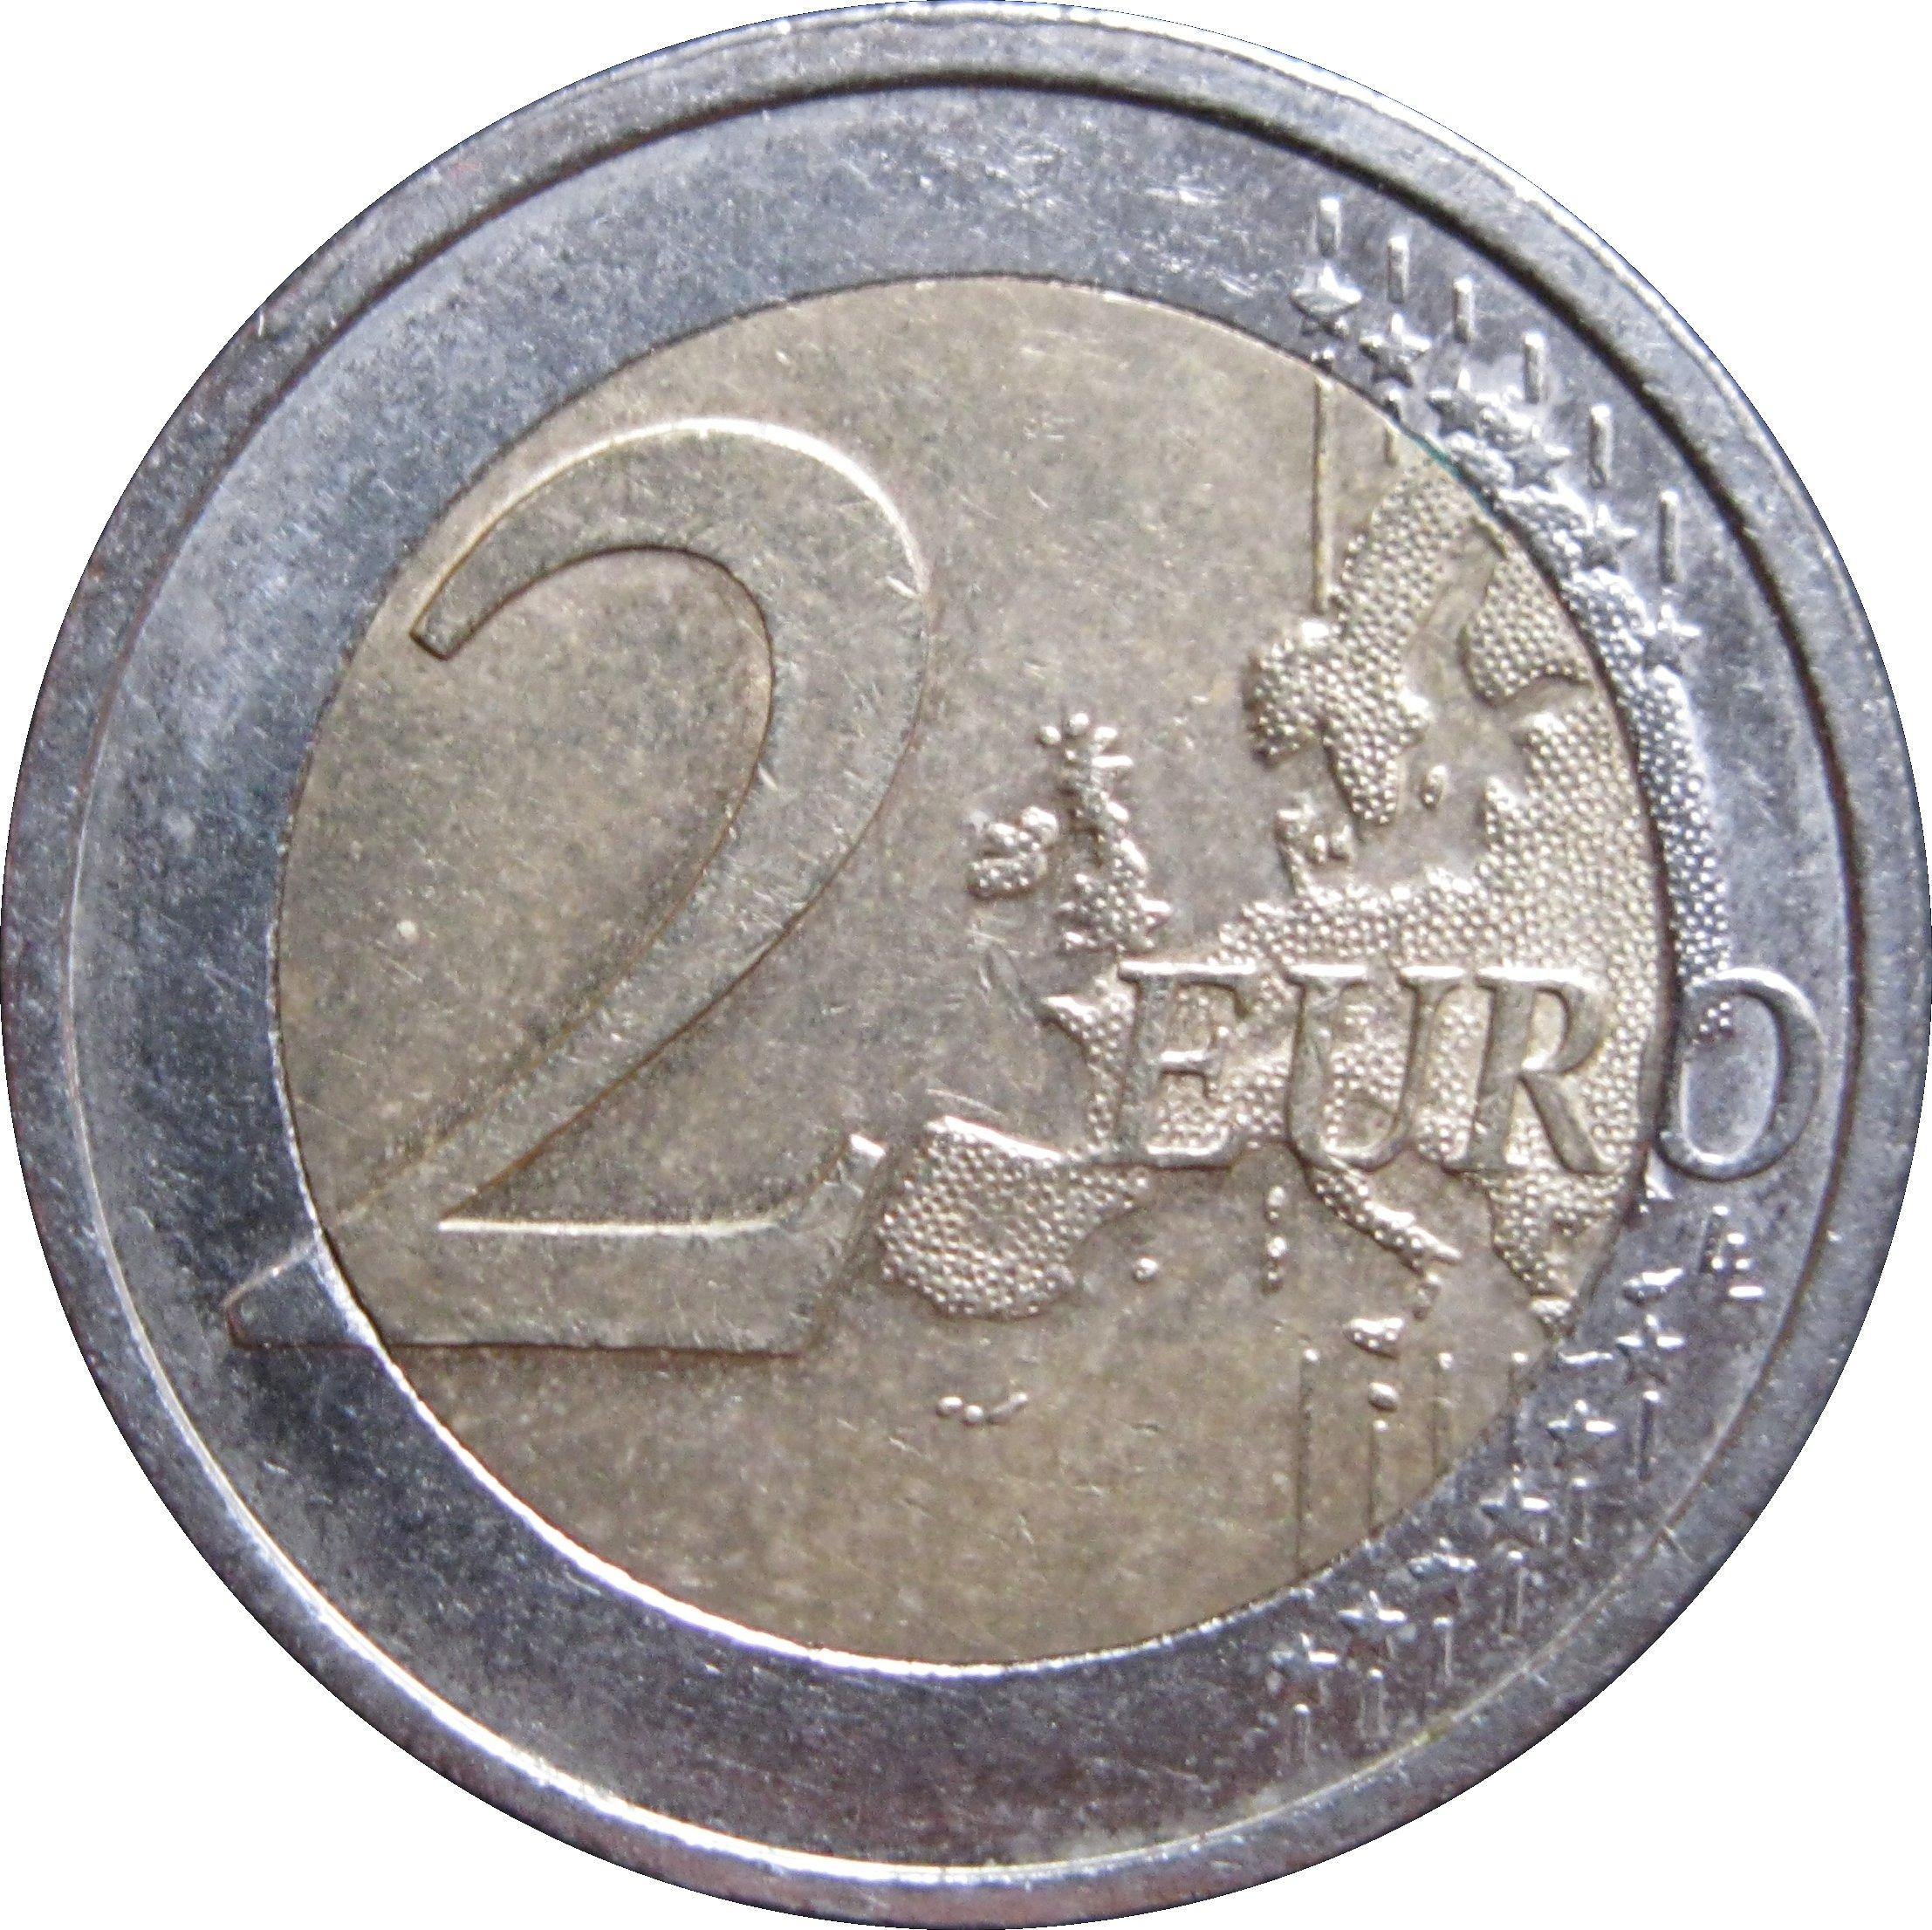 2 Euro Bundesländer Saarland Germany Federal Republic